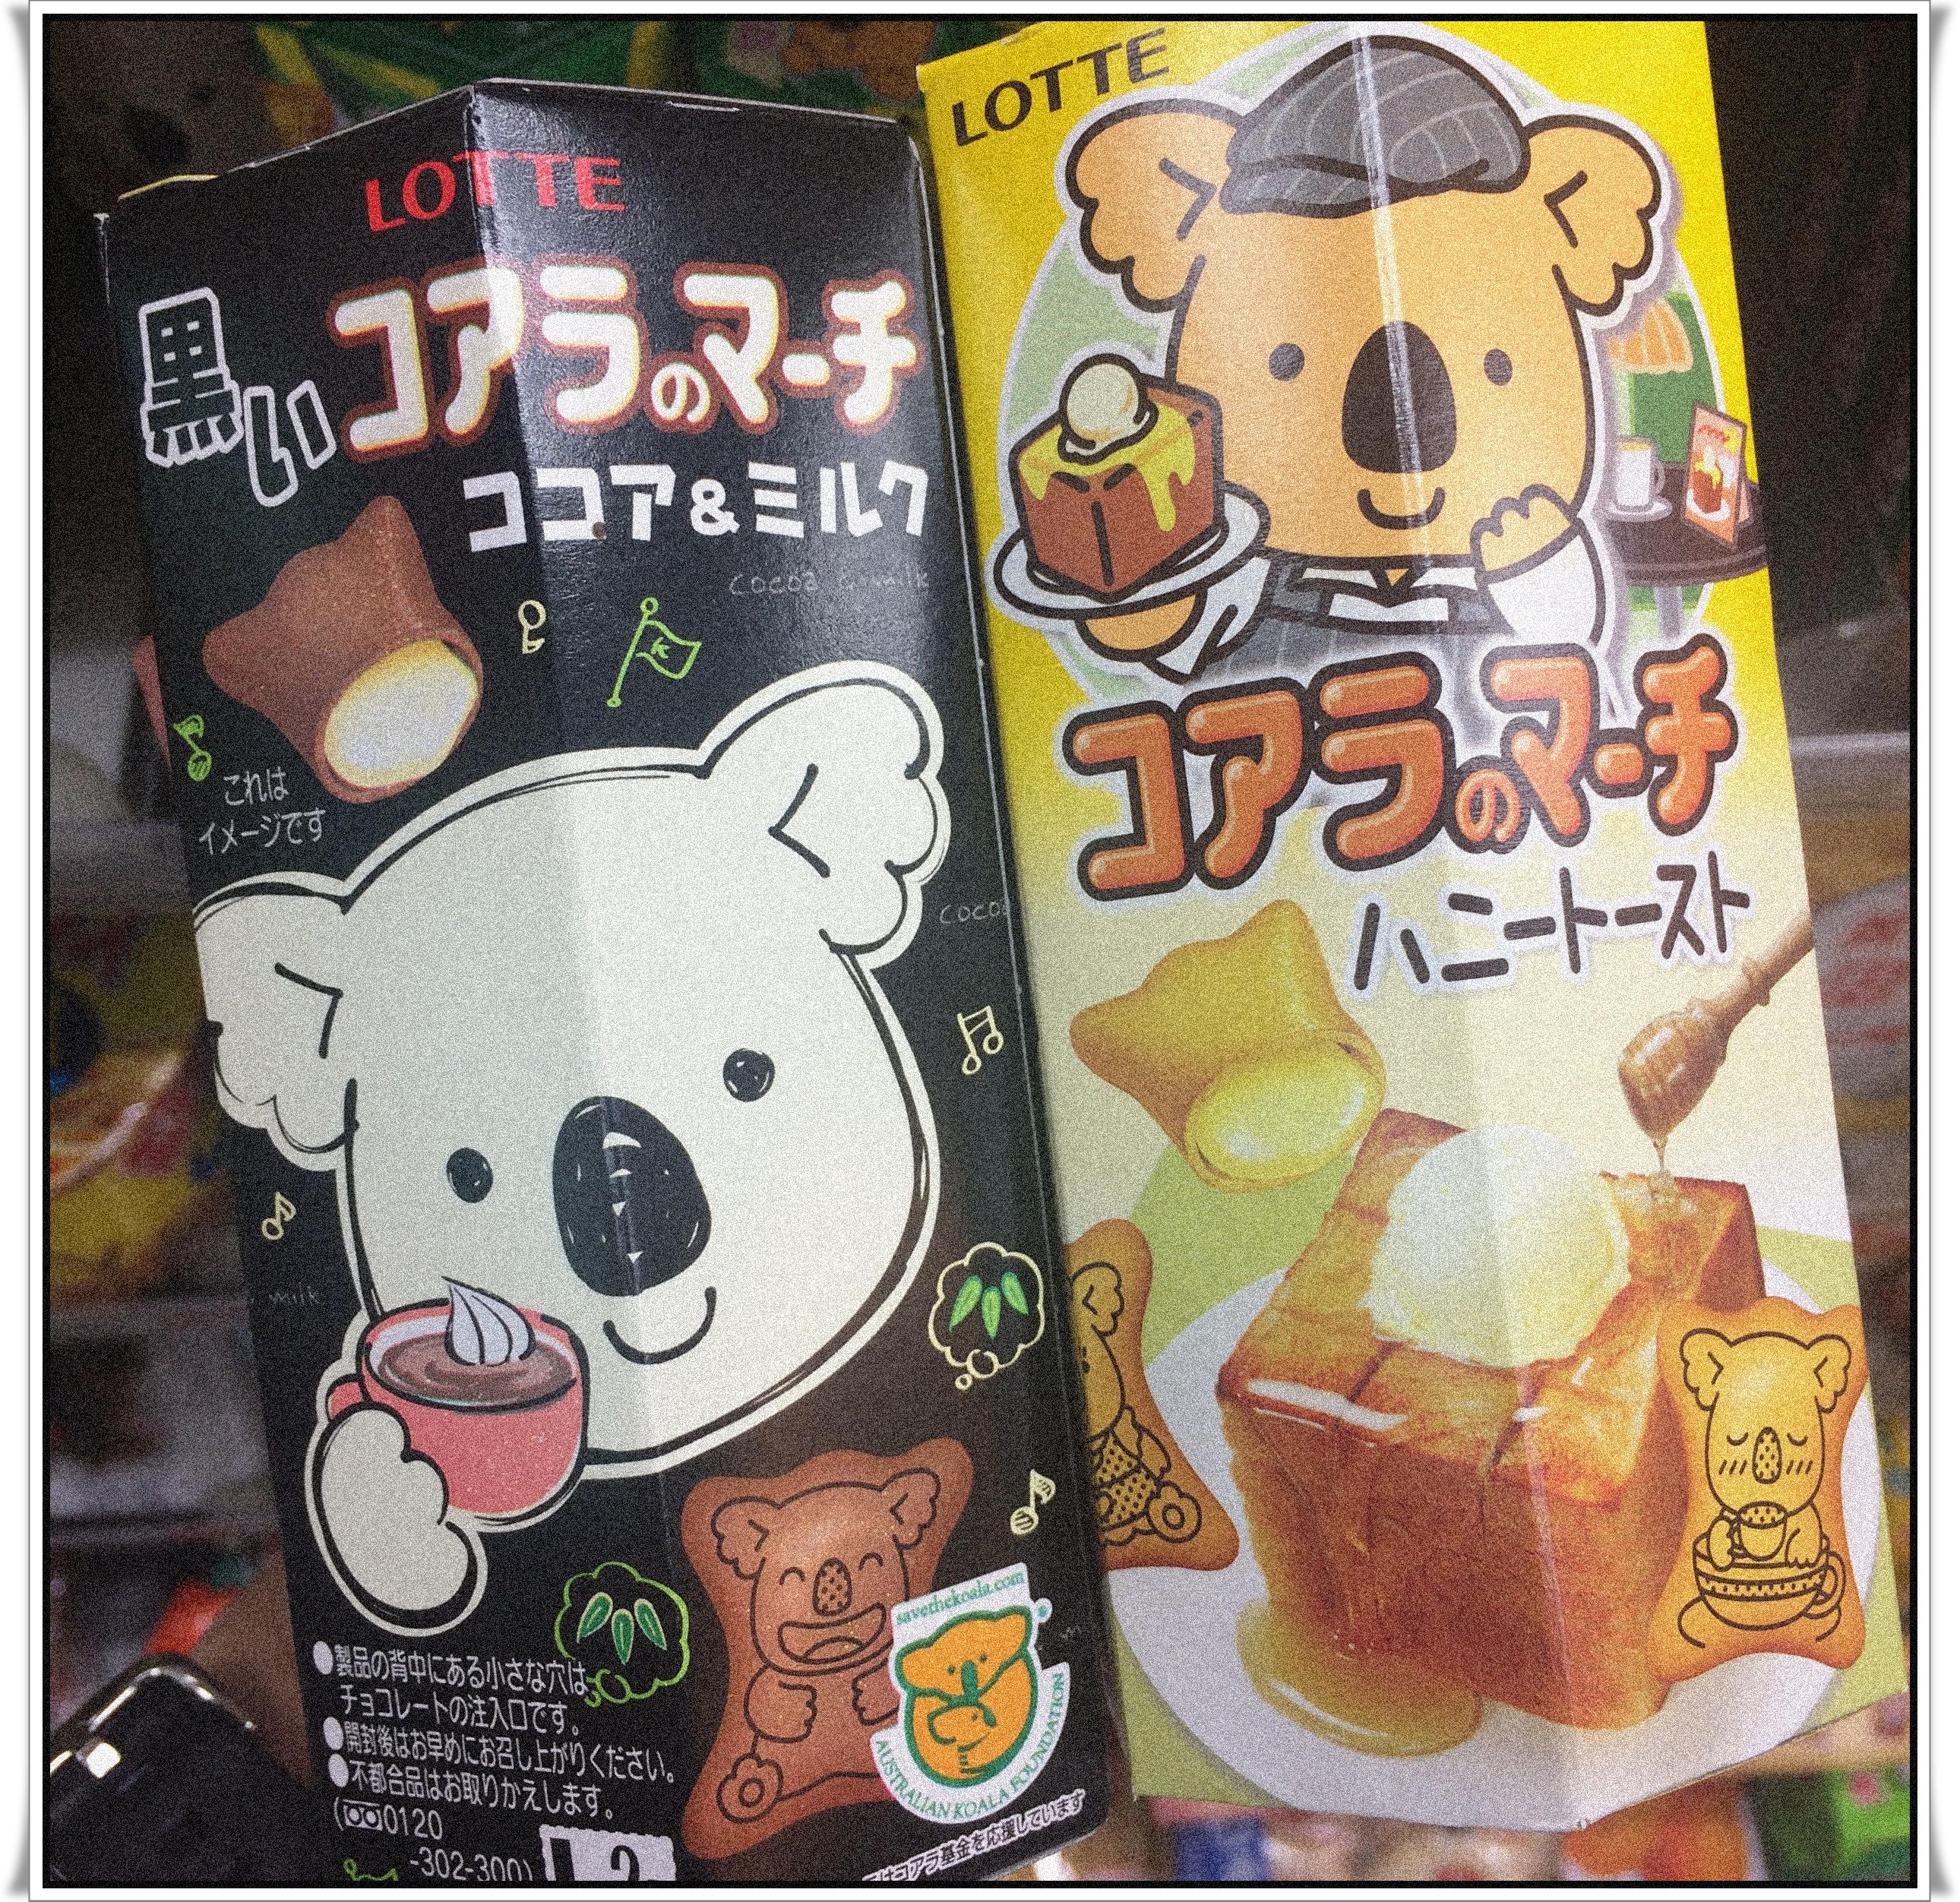 /11/樂天小熊餅乾(可可牛奶&蜜糖吐司口味)  可以買指數:★★★☆ 不屈不撓的小熊餅乾依舊有新口味上市,可可牛奶說實話沒有太大的新鮮感,比起來蜜糖吐司較能令人印象深刻…